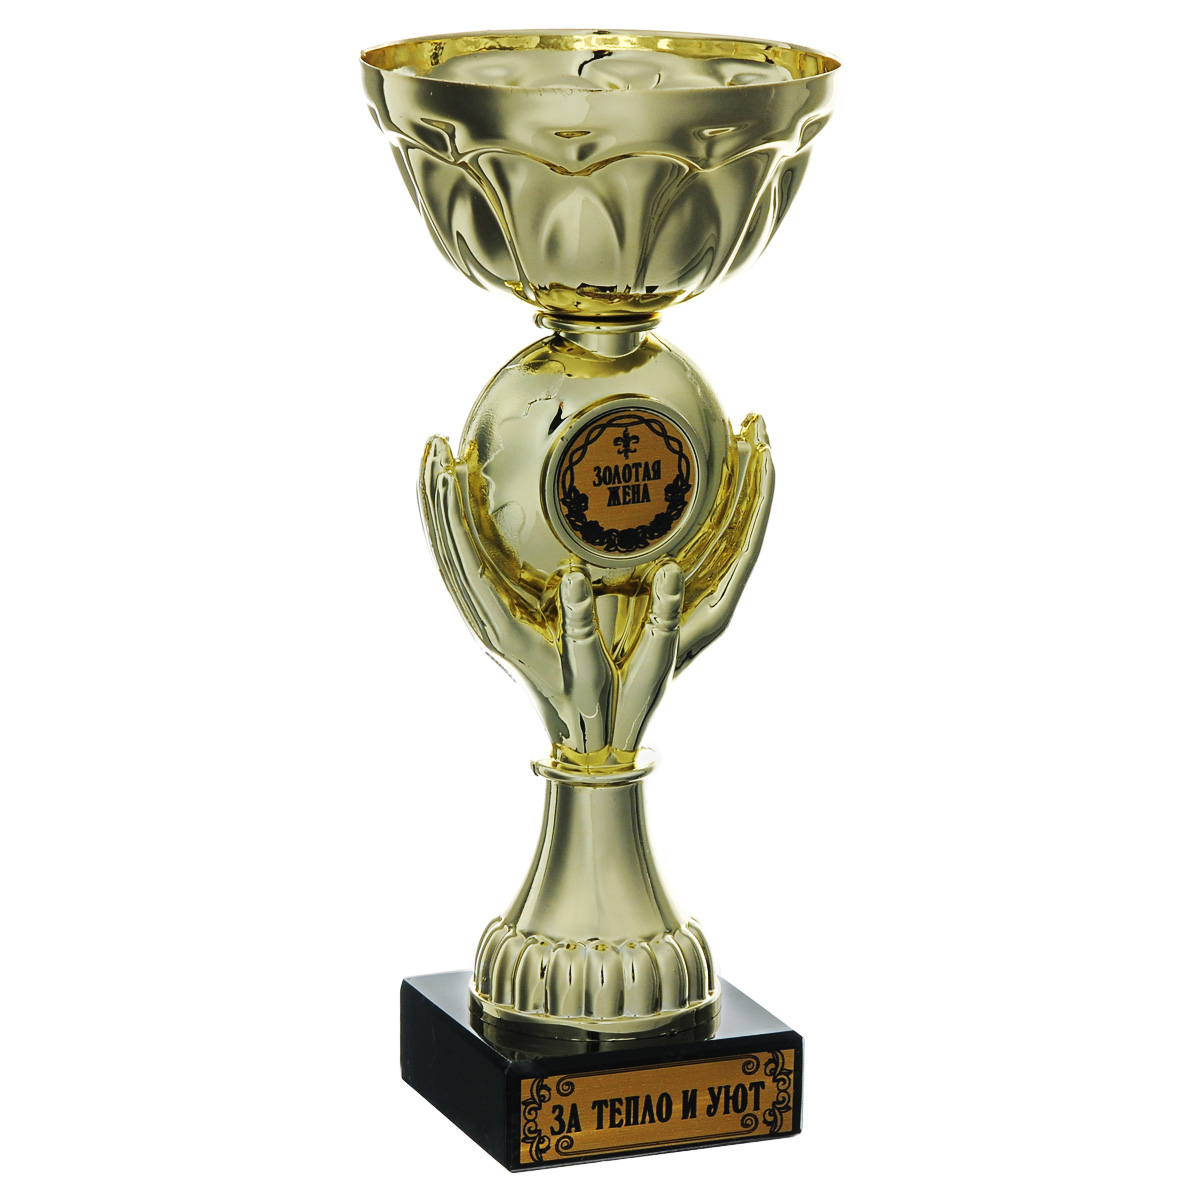 Кубок Золотая жена, высота 18 см030502019Кубок Золотая жена станет замечательным сувениром. Кубок выполнен из пластика с золотистым покрытием. Основание изготовлено из искусственного мрамора. Такой кубок обязательно порадует получателя, вызовет улыбку и массу положительных эмоций.